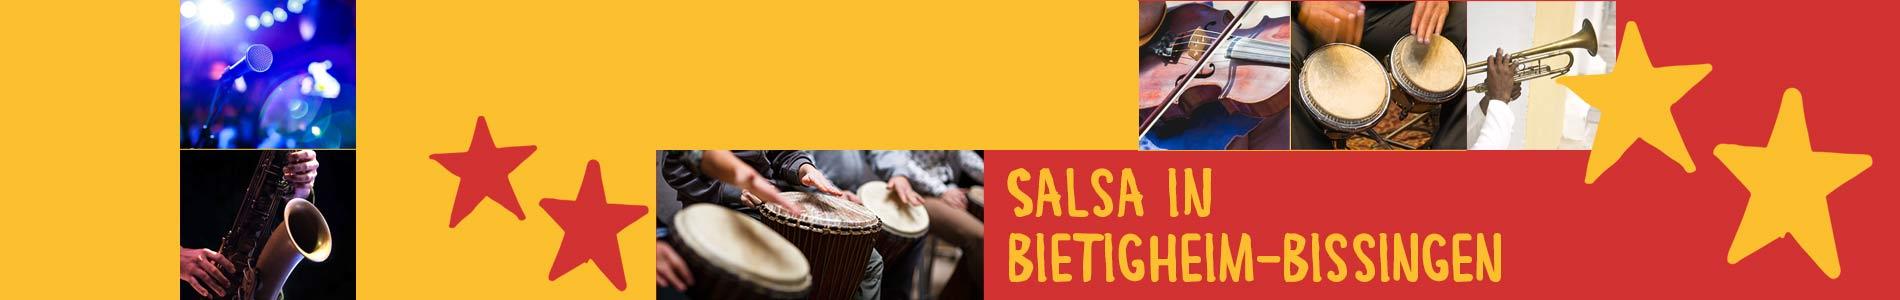 Salsa in Bietigheim-Bissingen – Salsa lernen und tanzen, Tanzkurse, Partys, Veranstaltungen